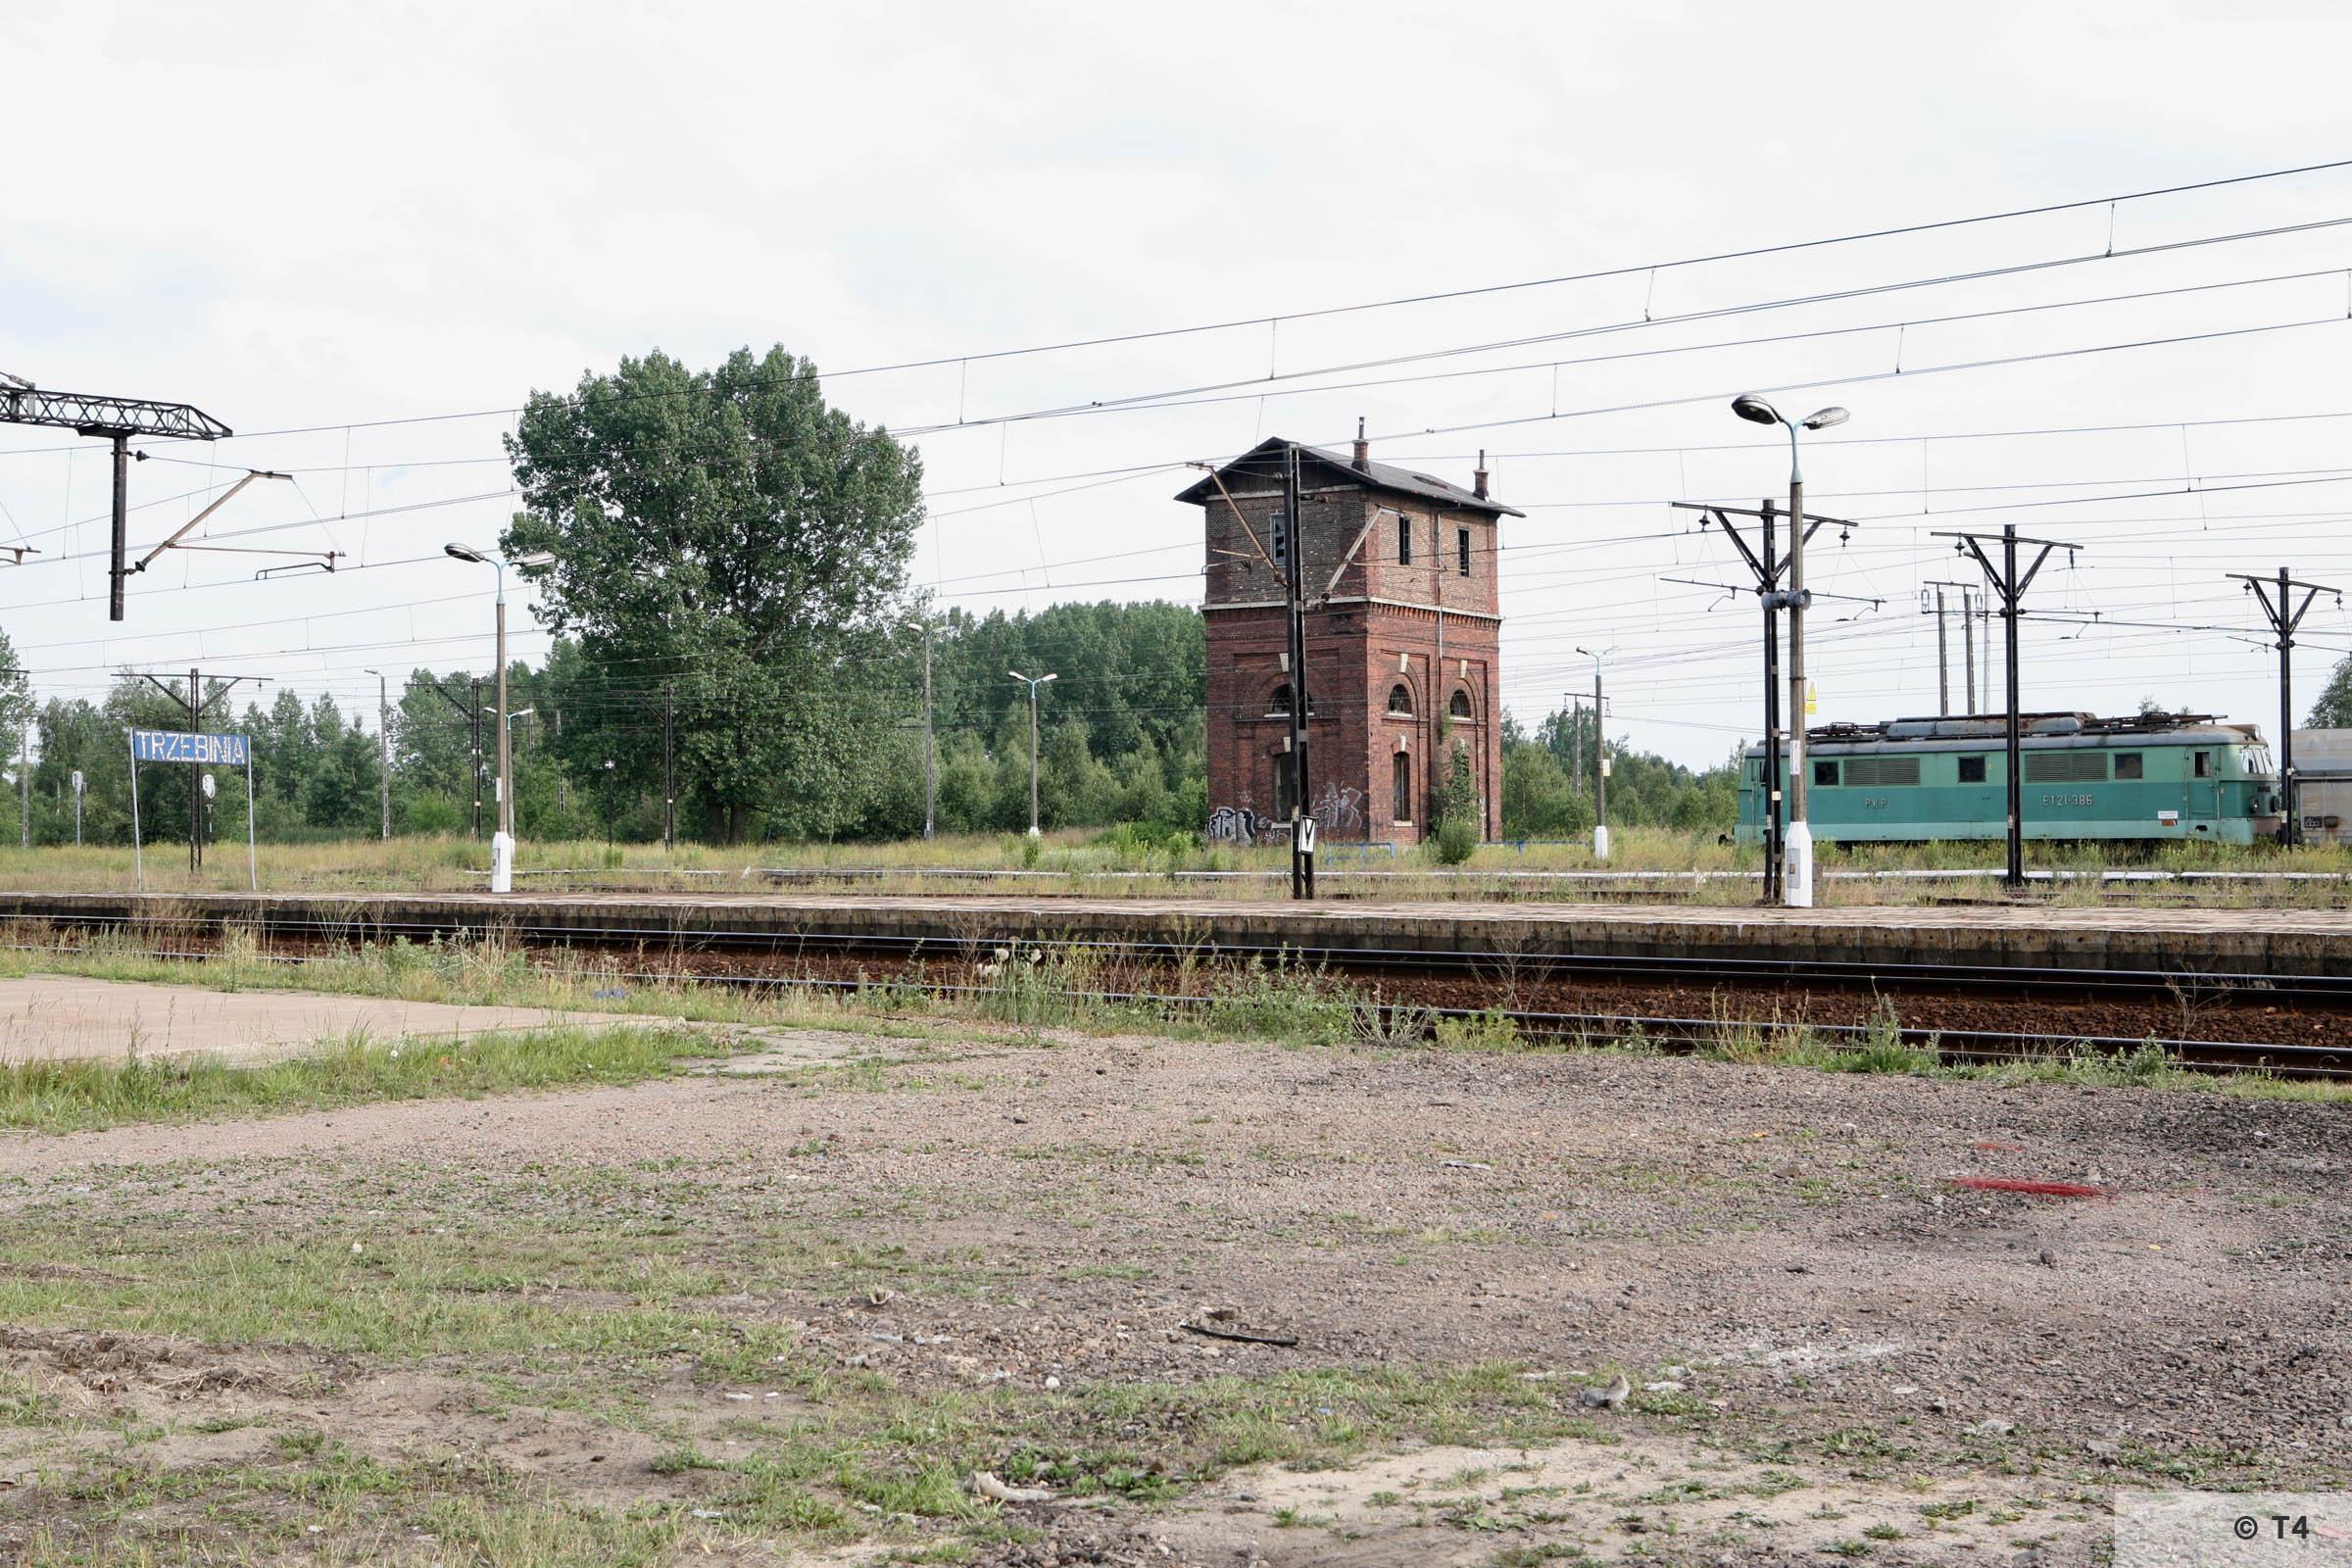 Trzebinia railway station. 2007 T4 4743